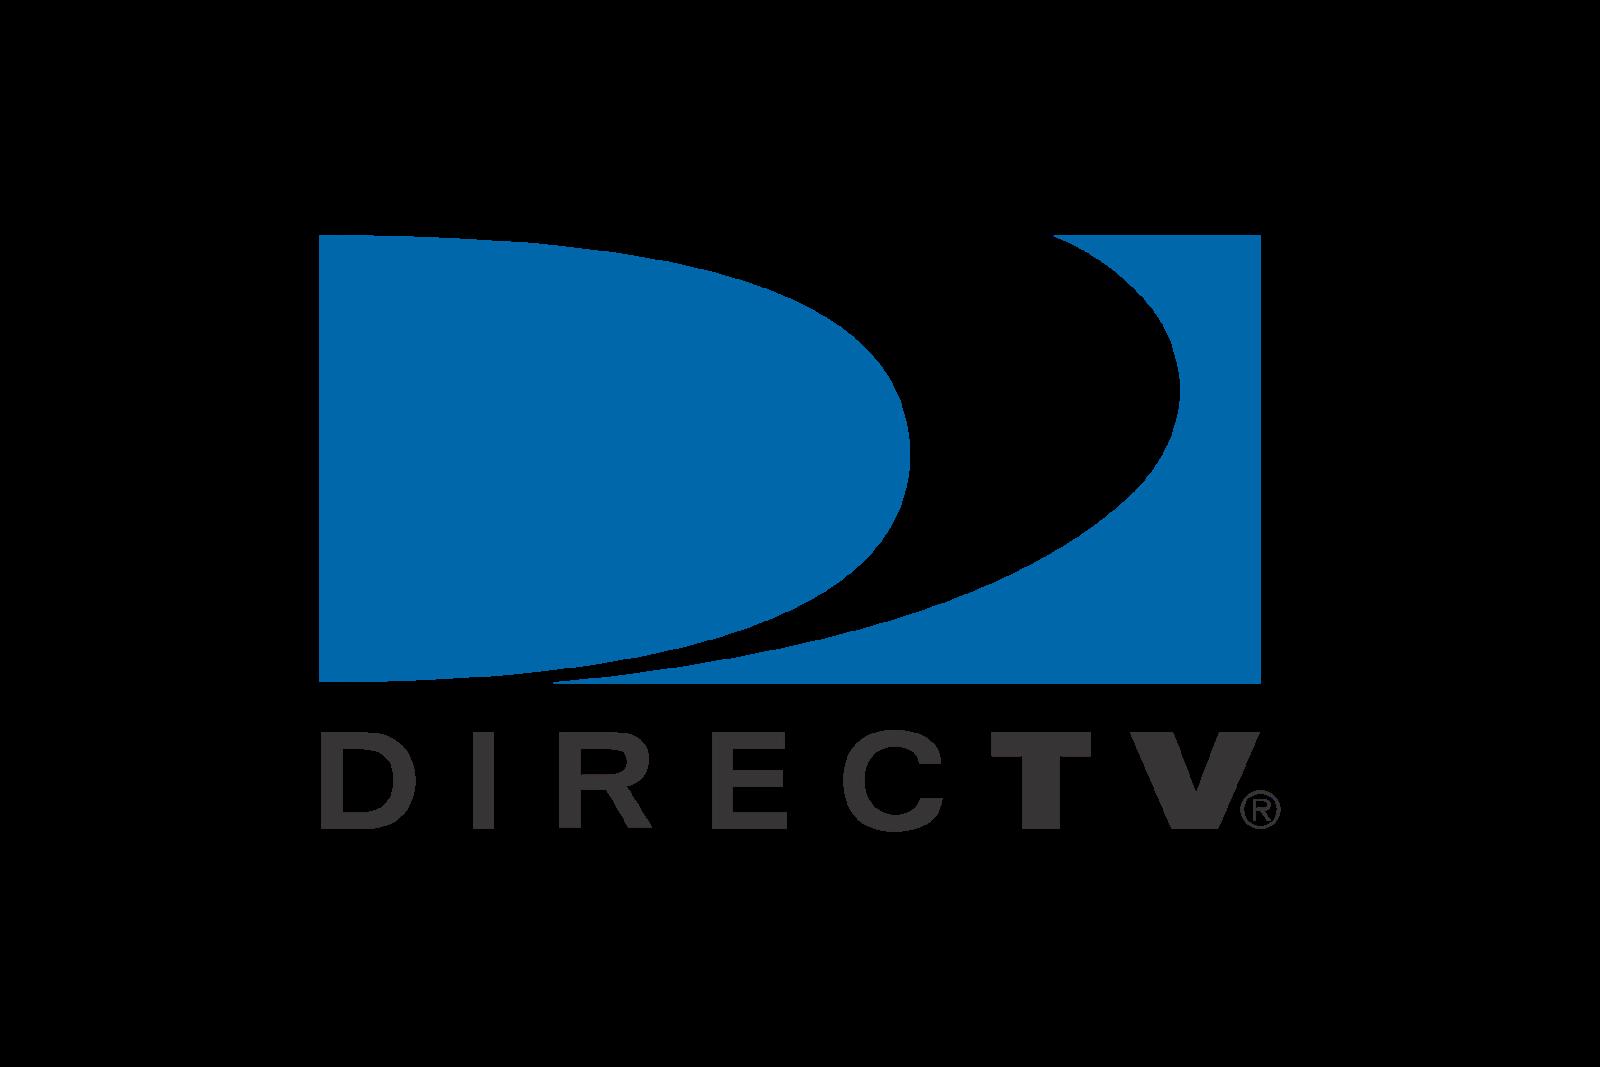 directv logo. Black Bedroom Furniture Sets. Home Design Ideas